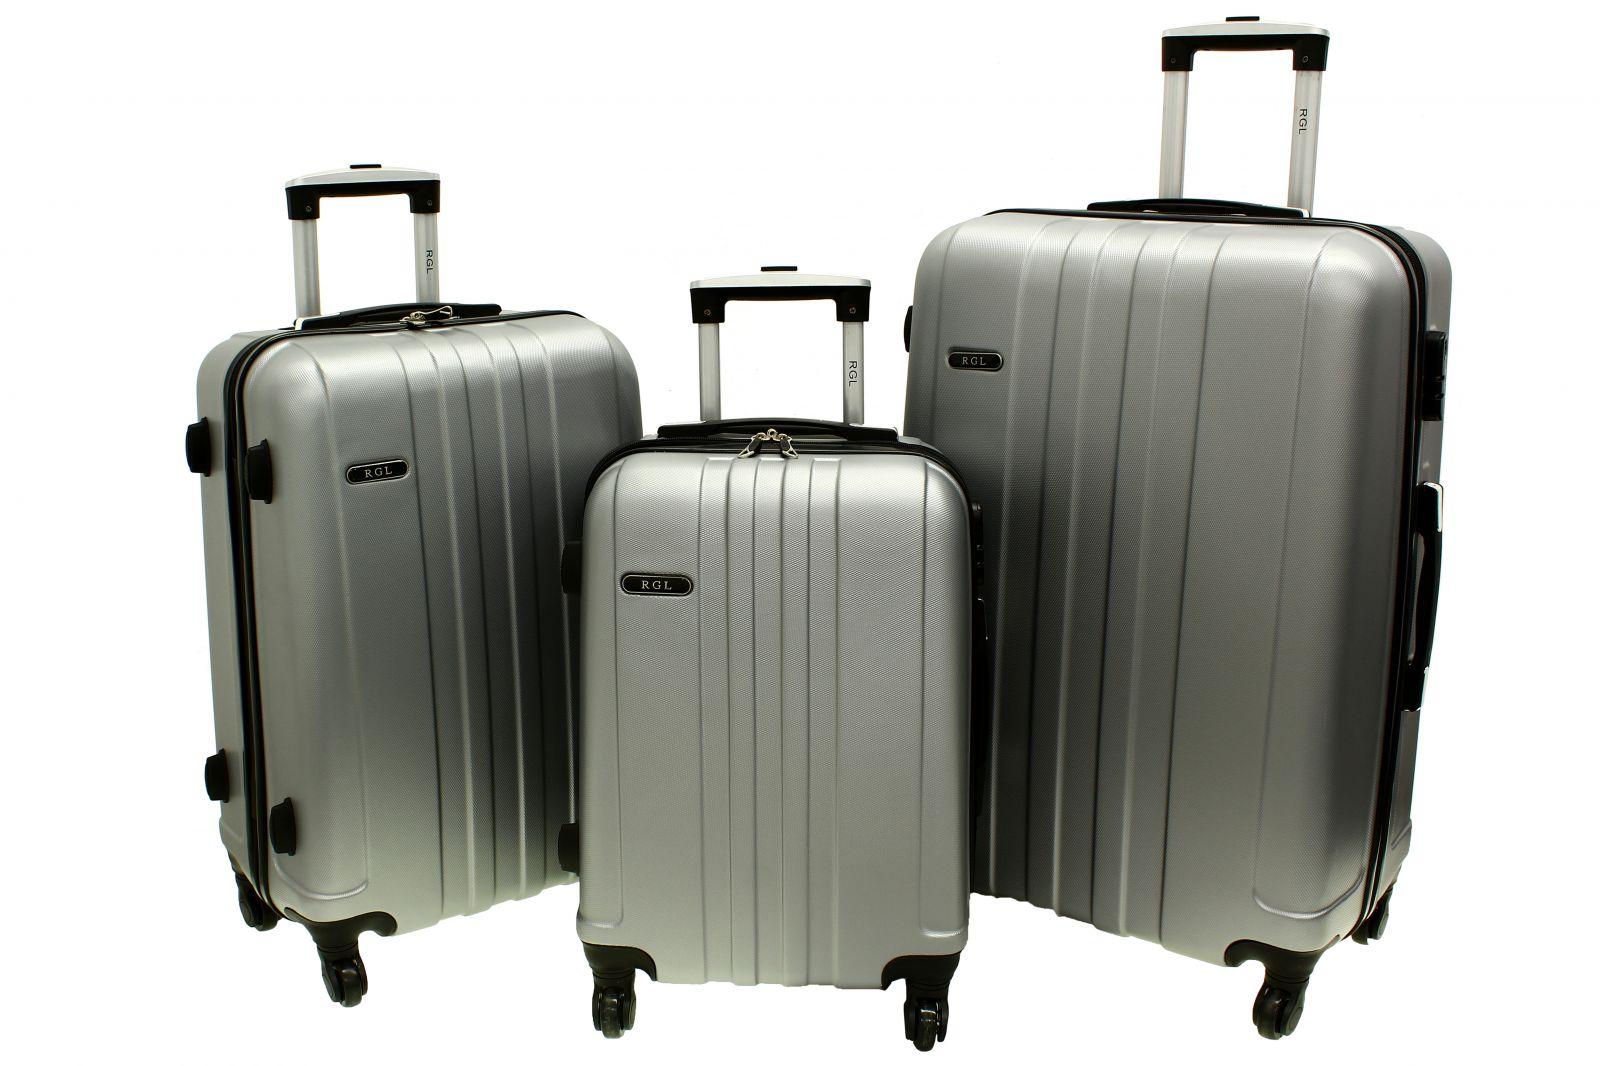 Cestovní kufry sada RGL 740 ABS SILVER L,M,S